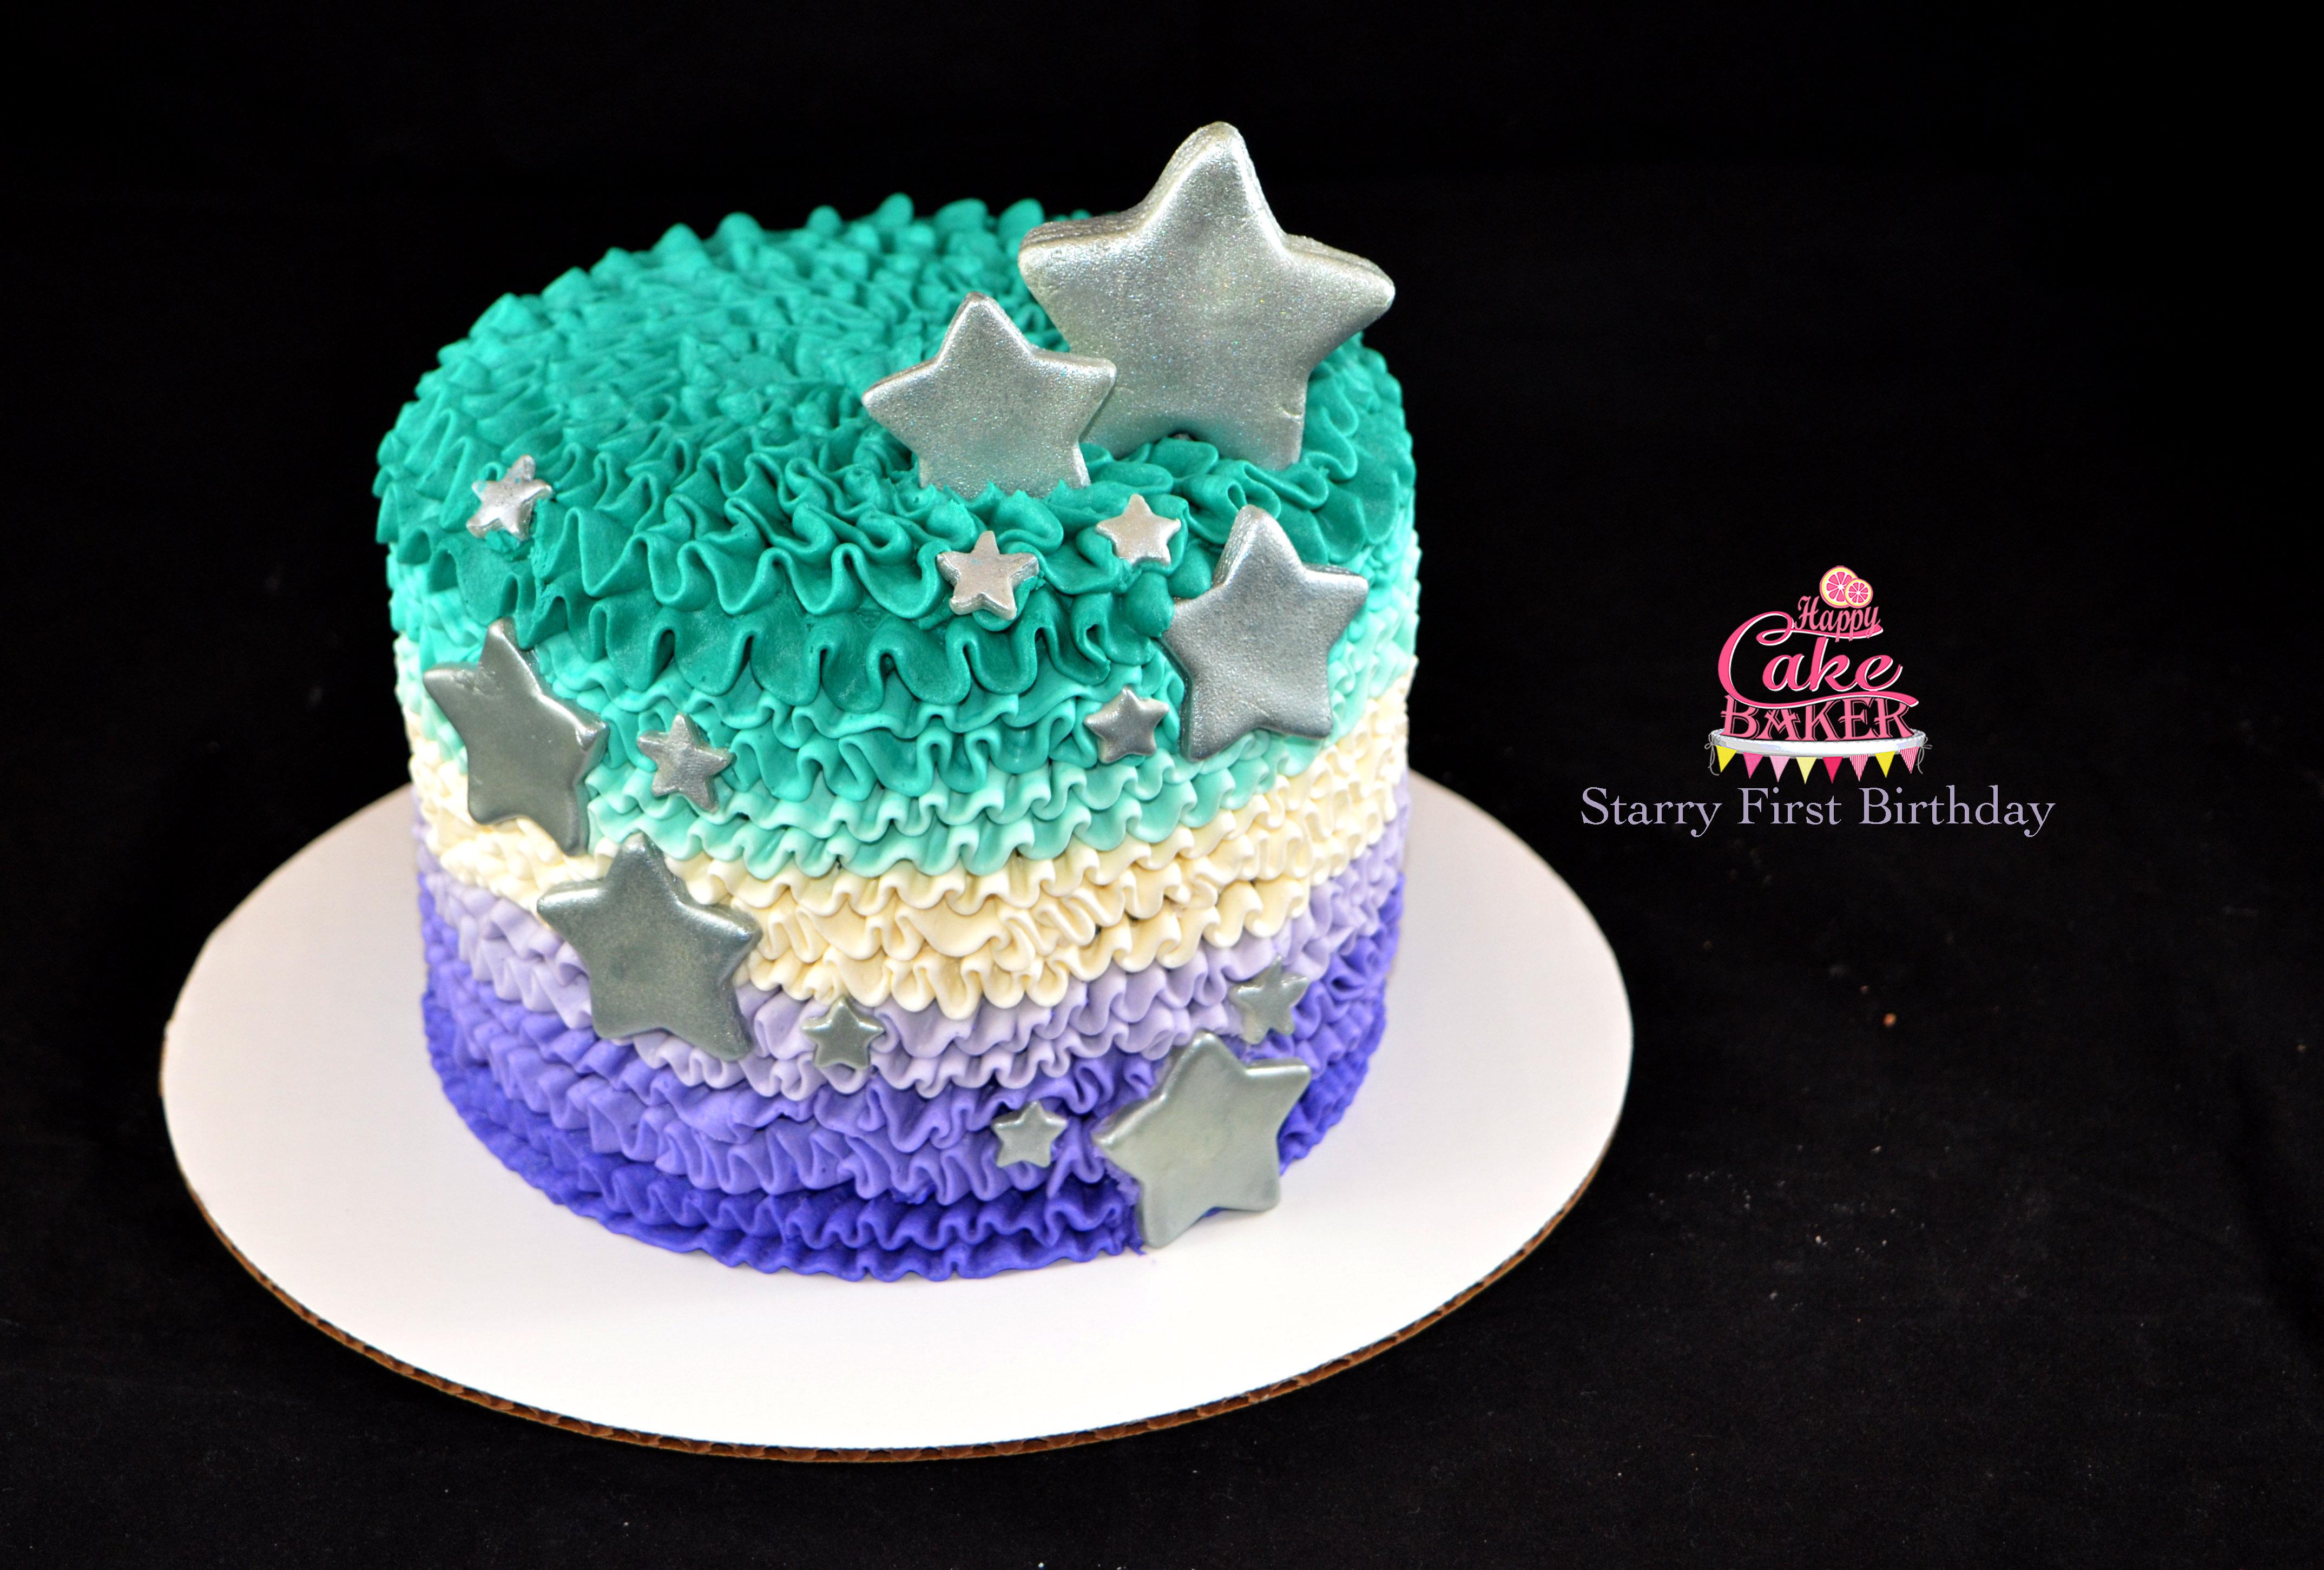 starryfirstbirthday